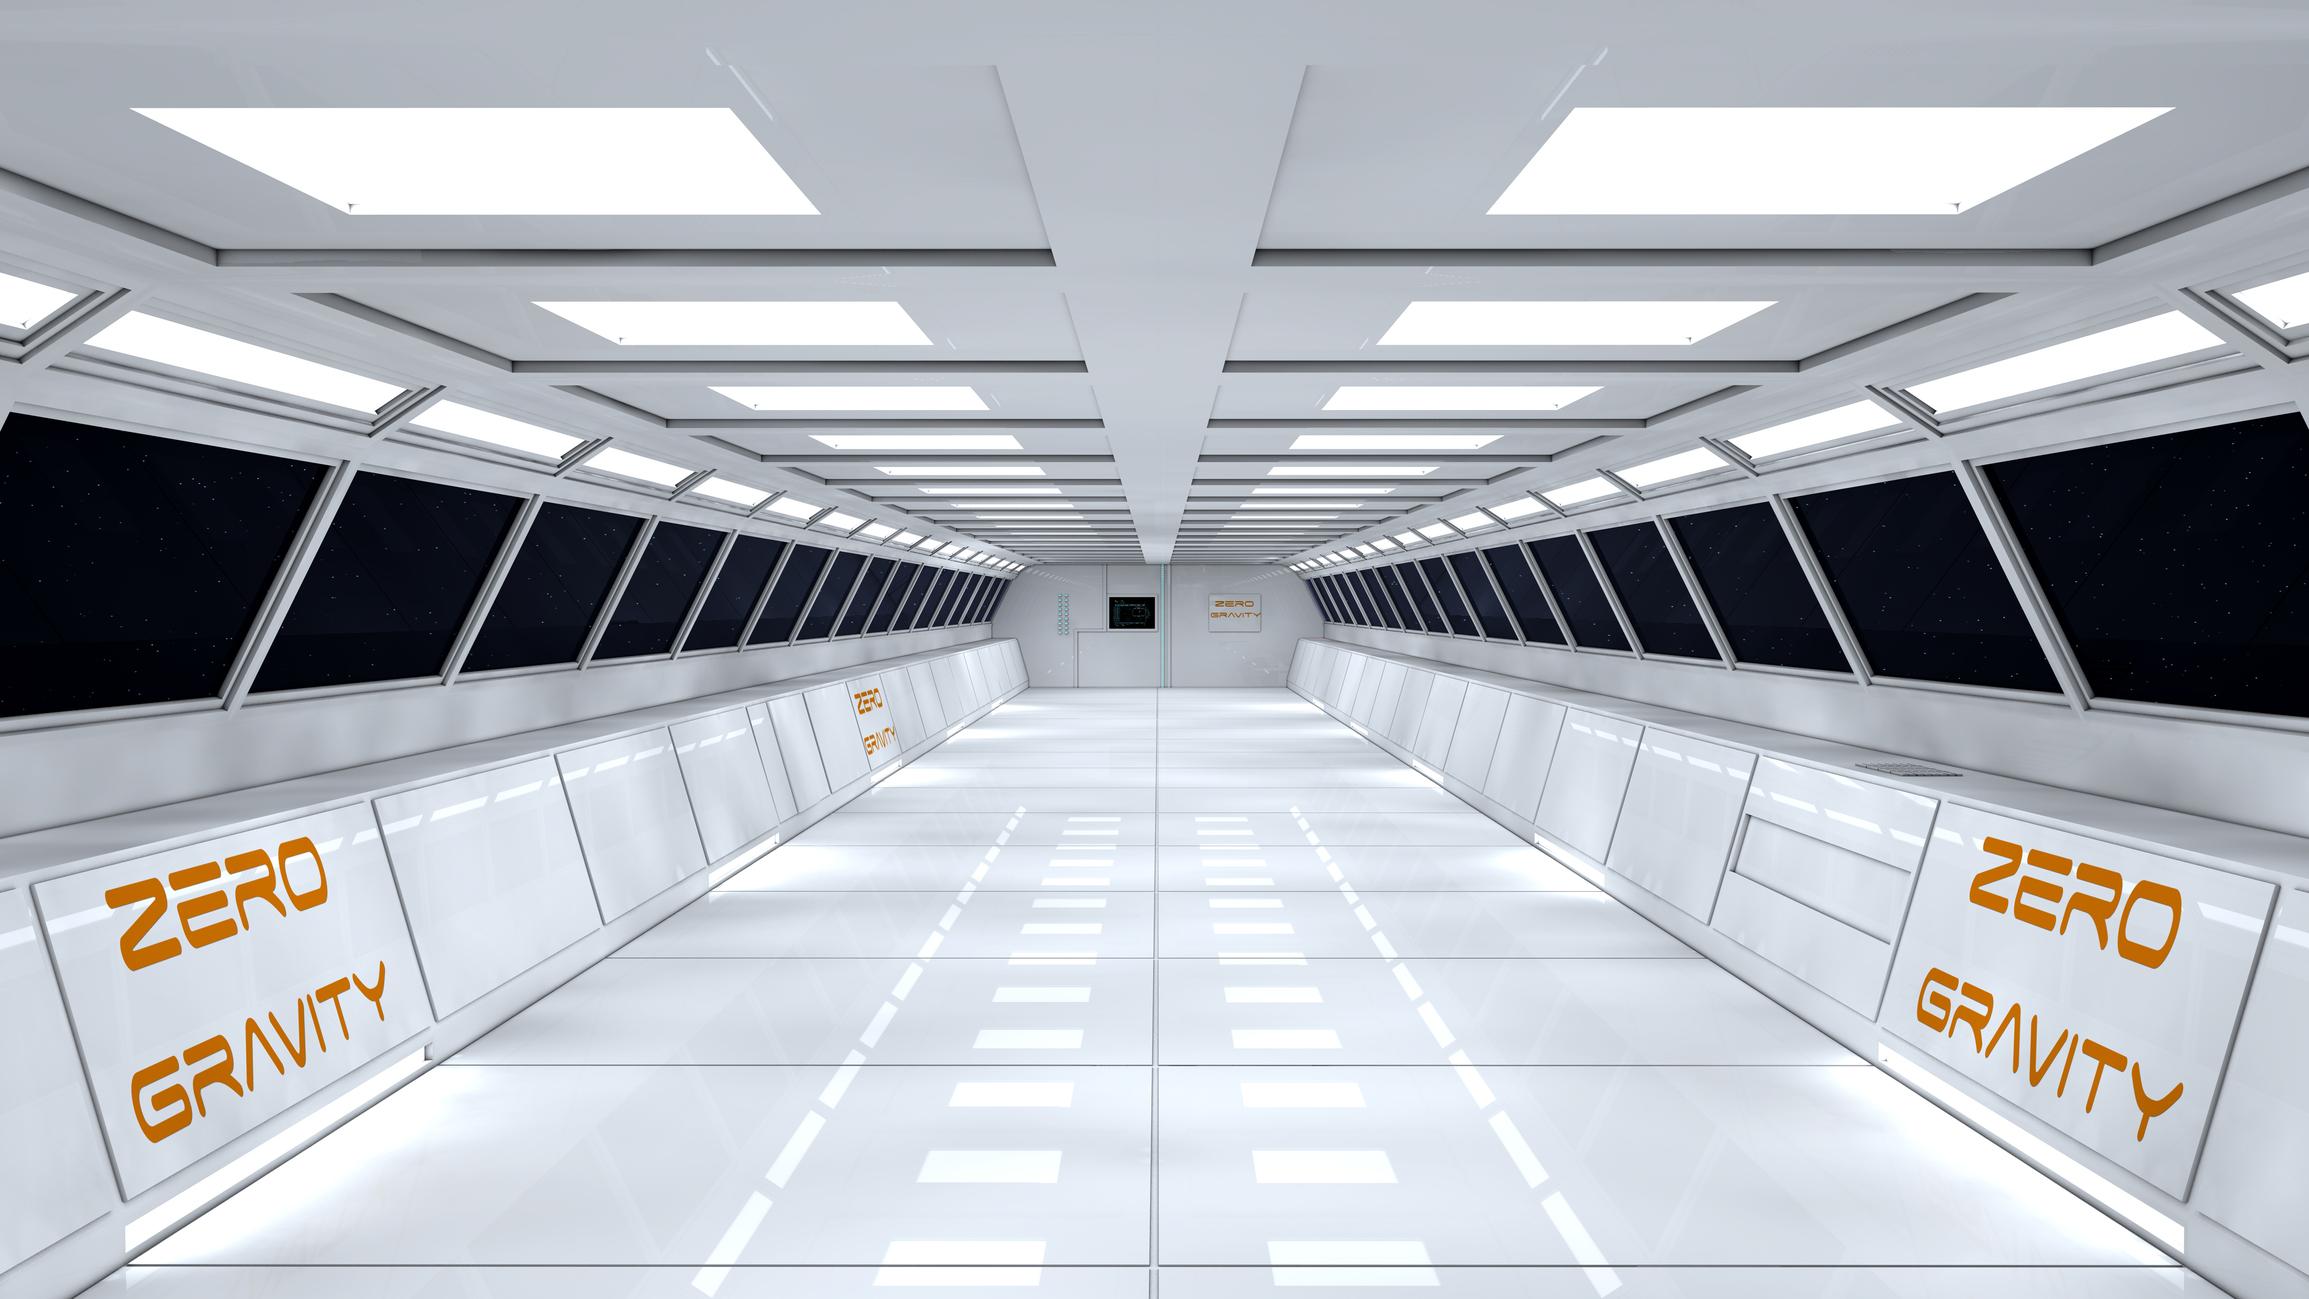 Zero Gravity Hall